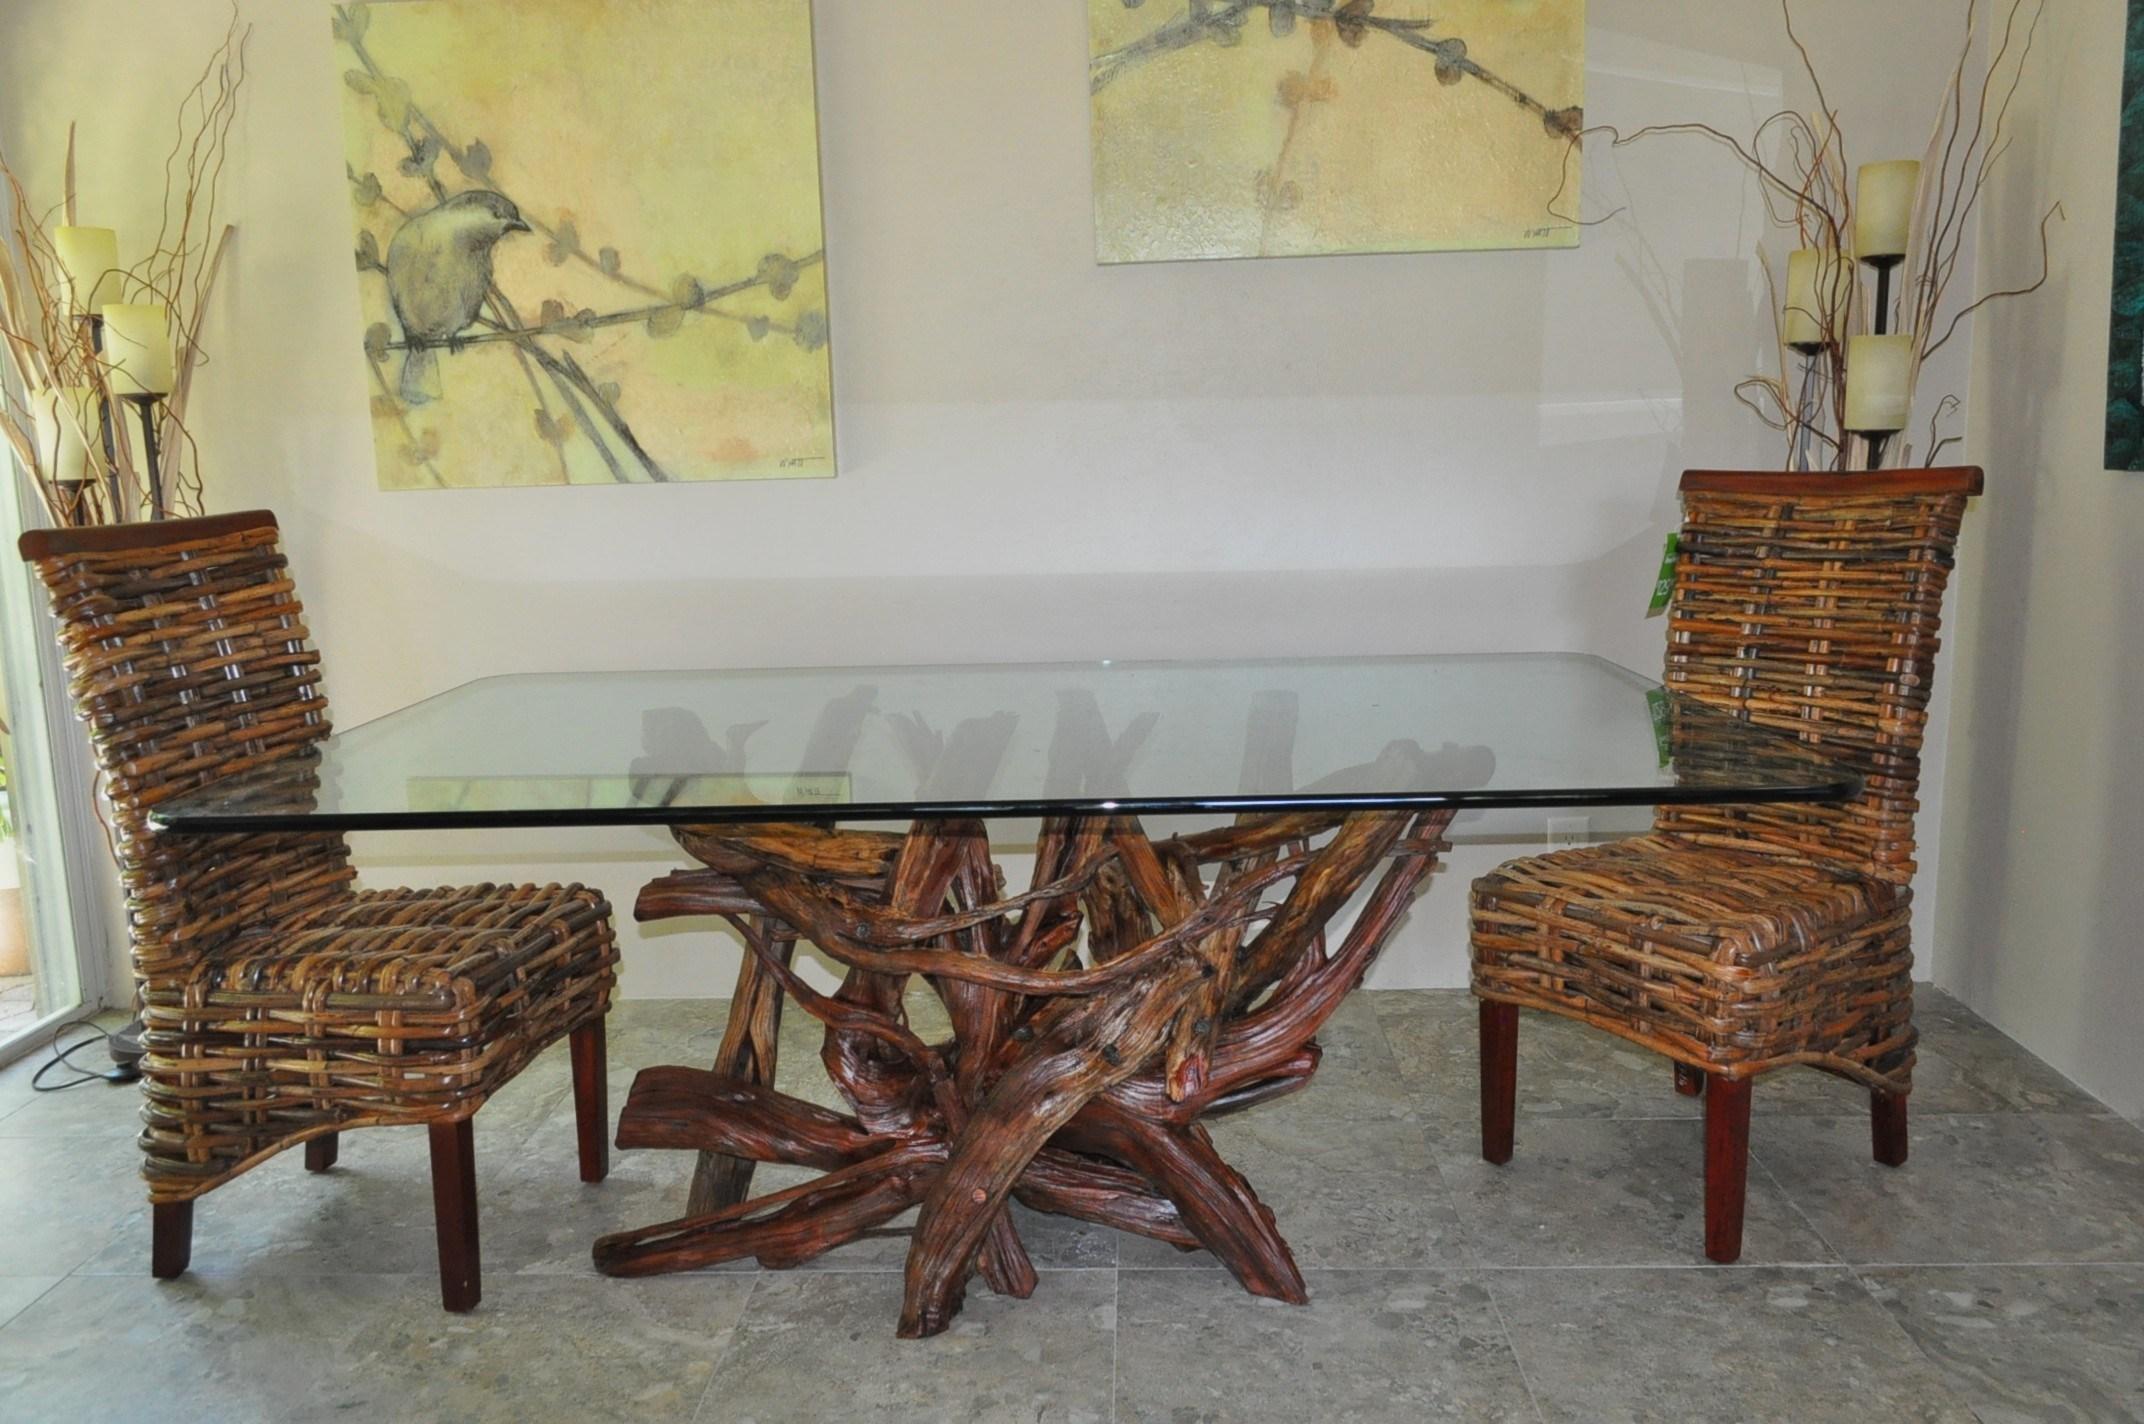 Стол из коряг в интерьере